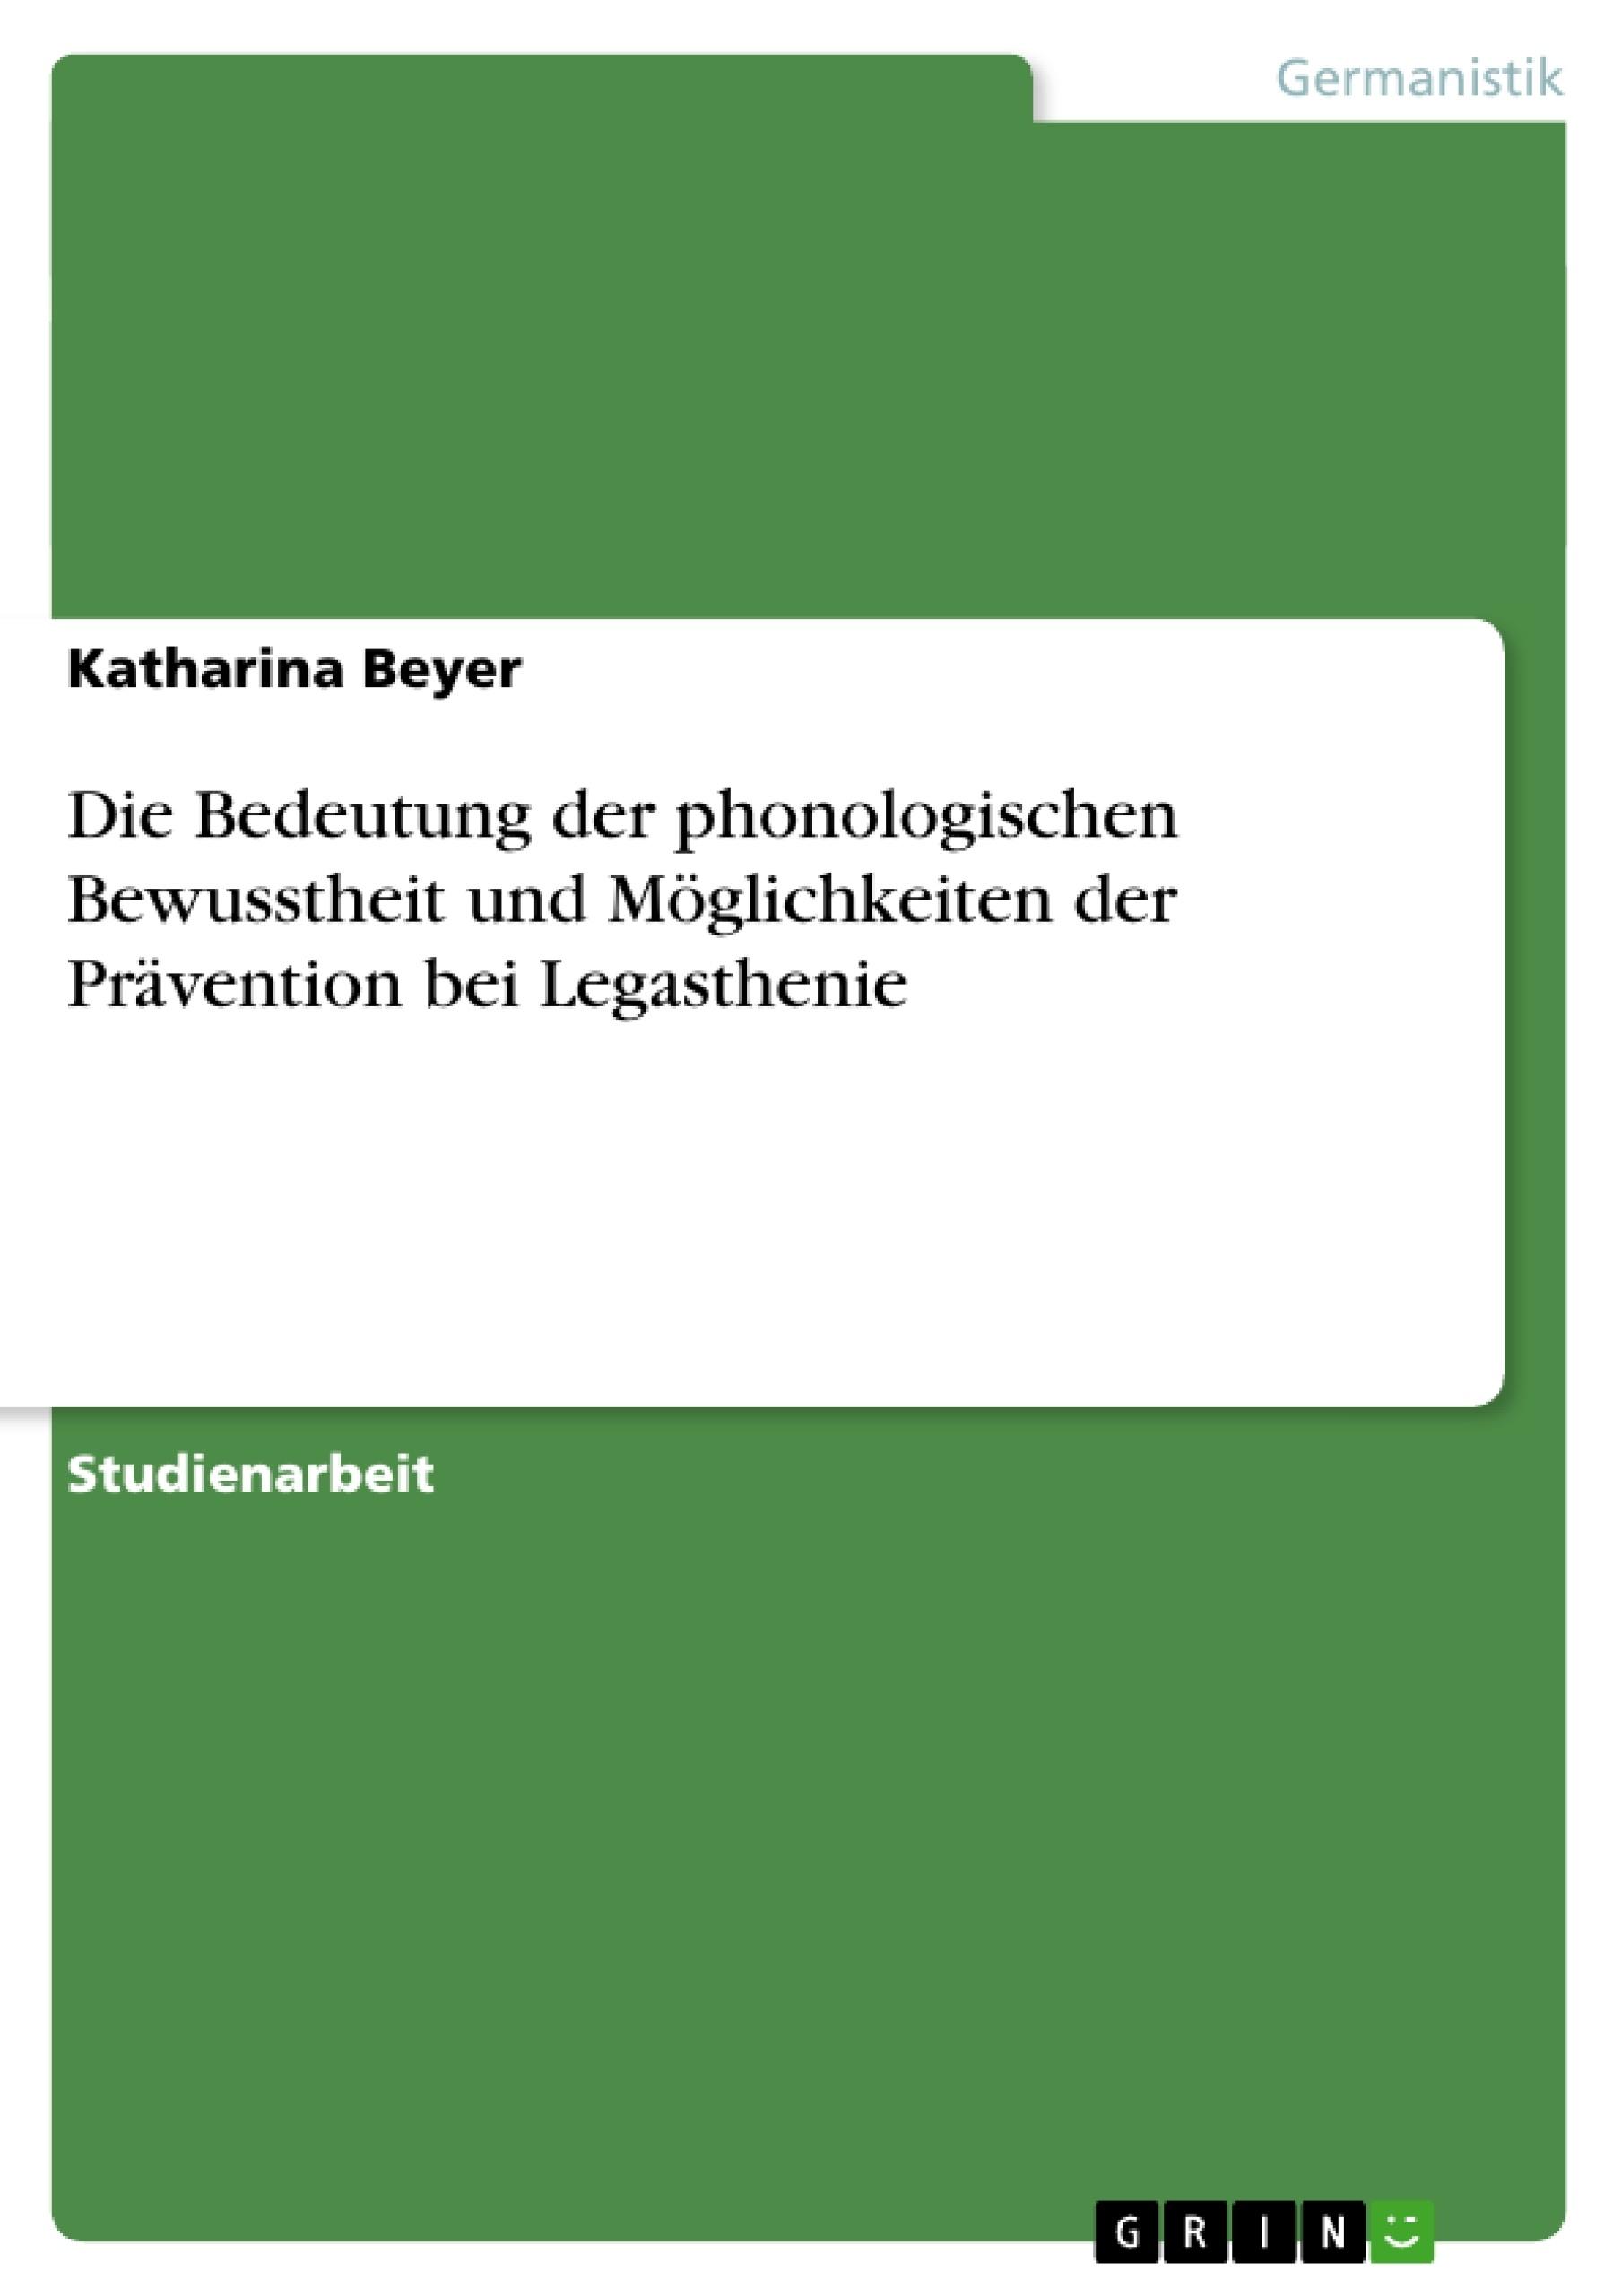 Titel: Die Bedeutung der phonologischen Bewusstheit und Möglichkeiten der Prävention bei Legasthenie